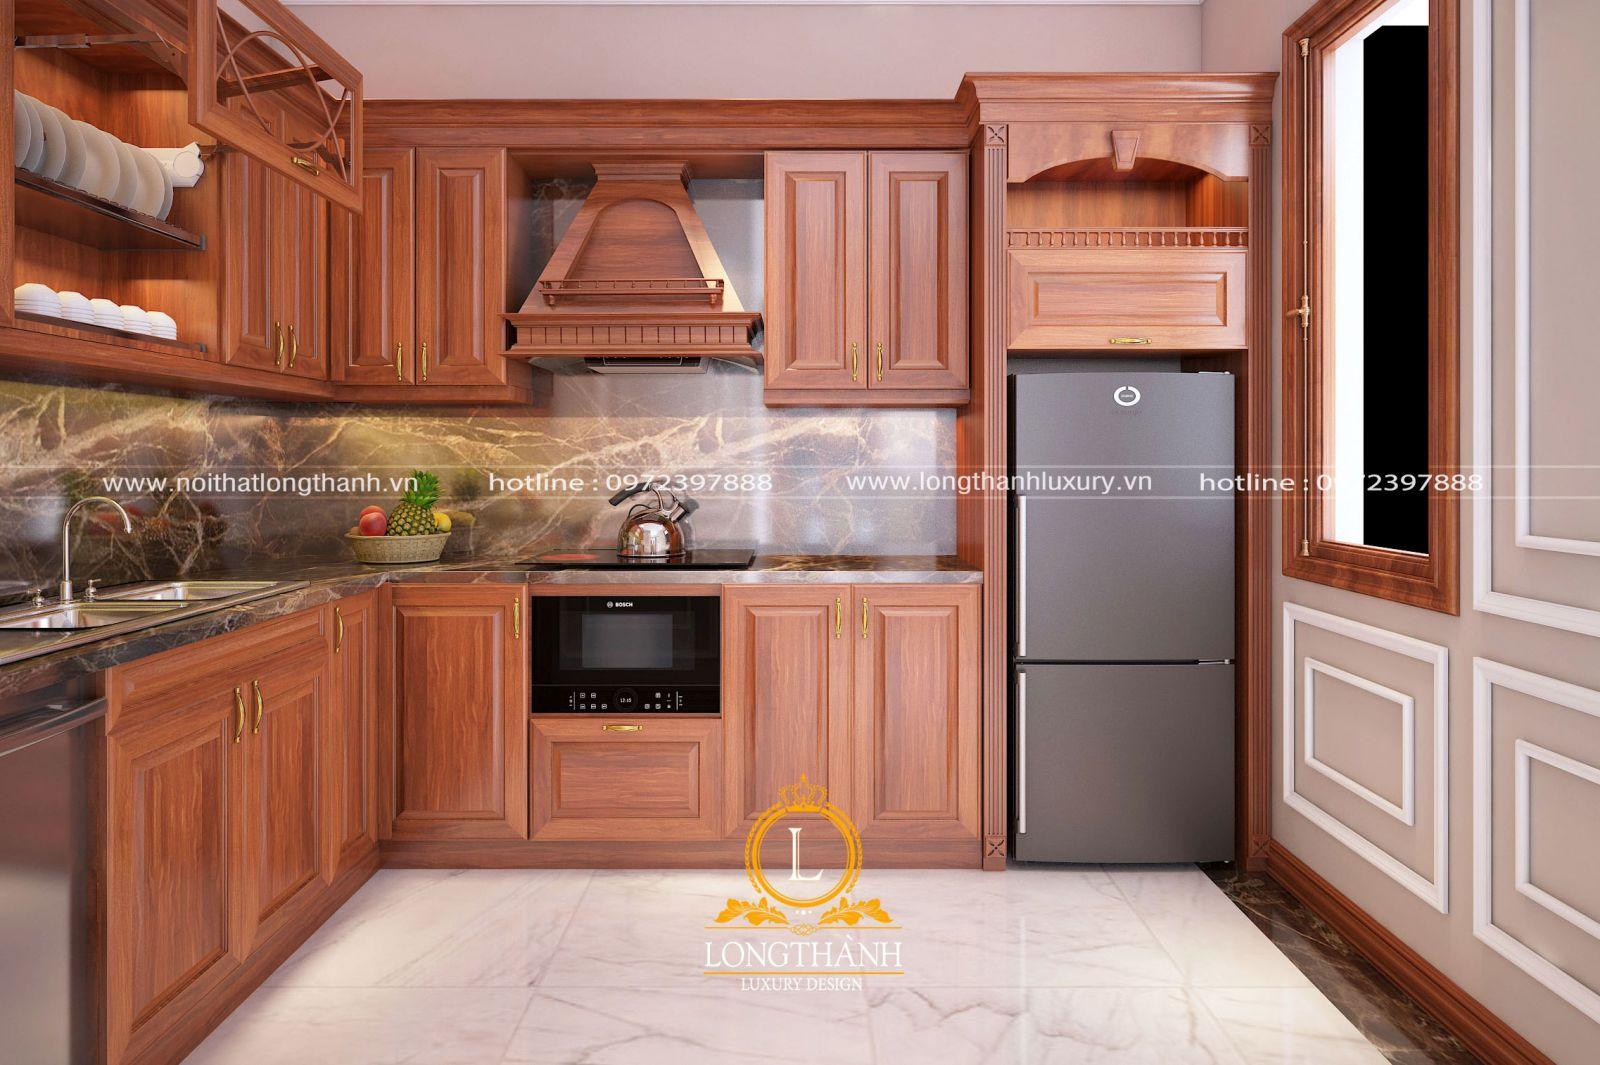 Tủ bếp đẹp được thiết kế mang màu sắc Châu Âu hiện đại  sang trọng cho không gian nội thất